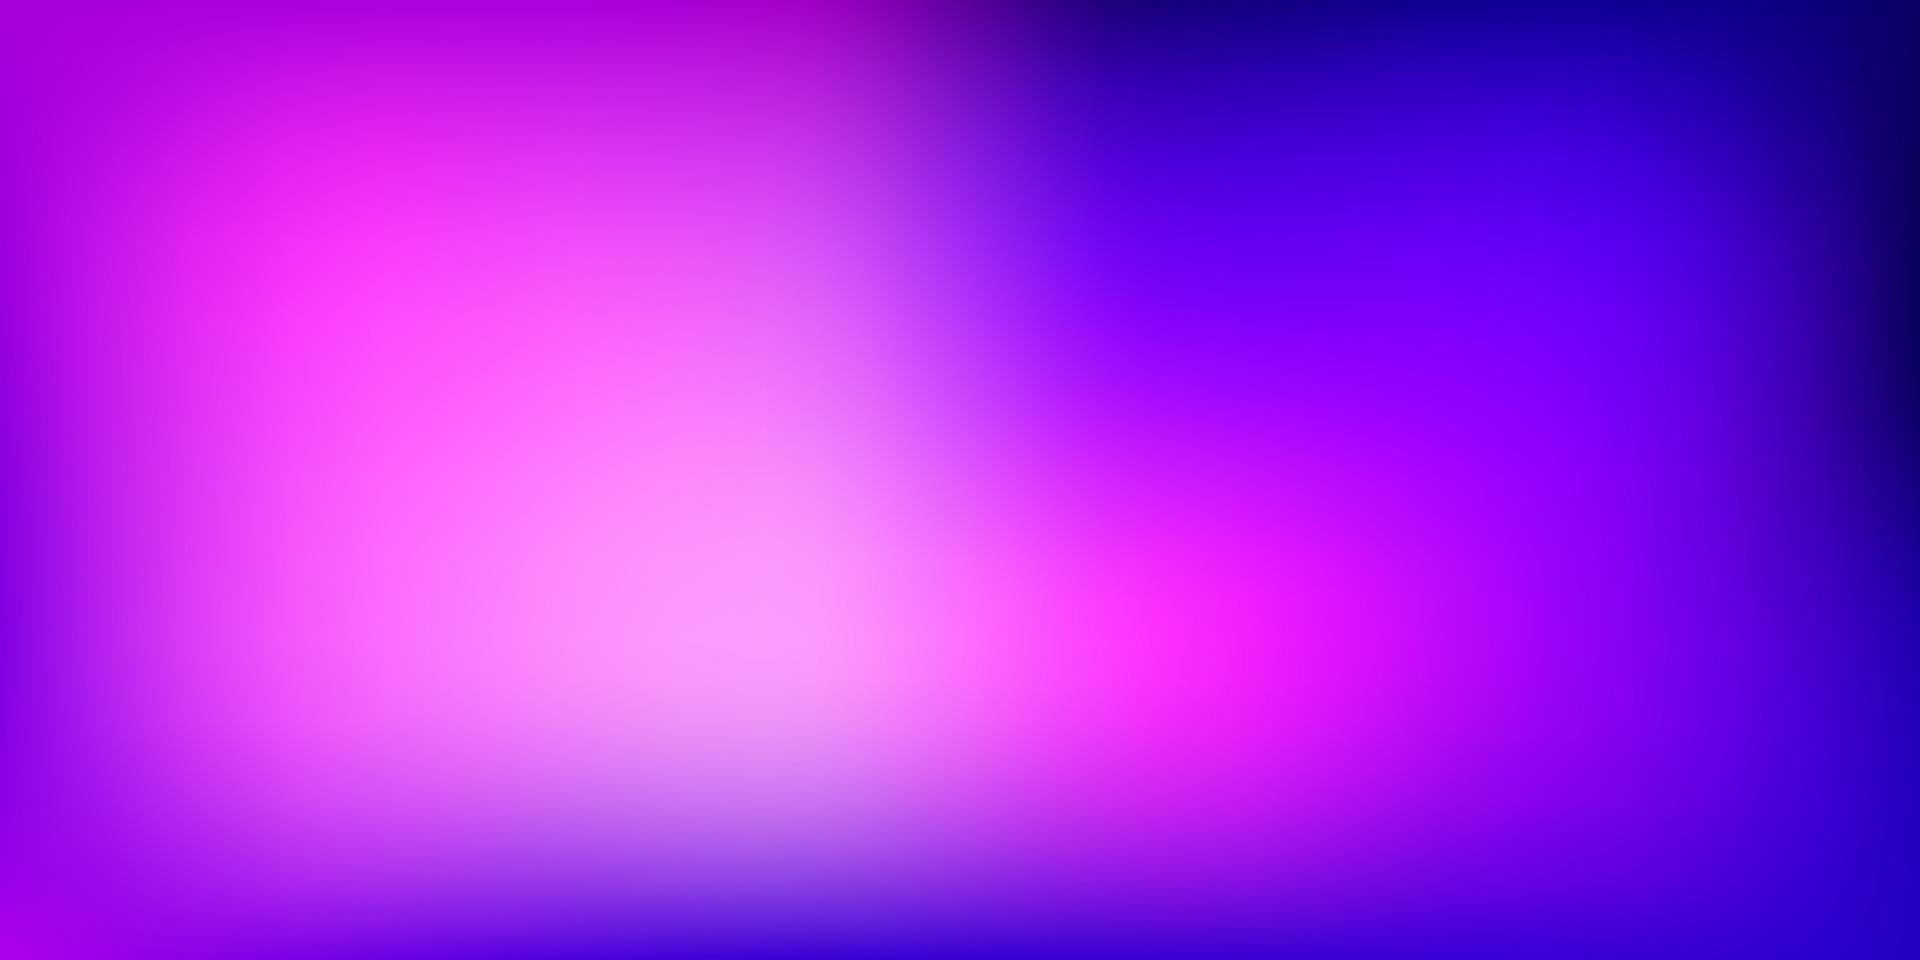 Telón de fondo borroso vector violeta claro, rosa.